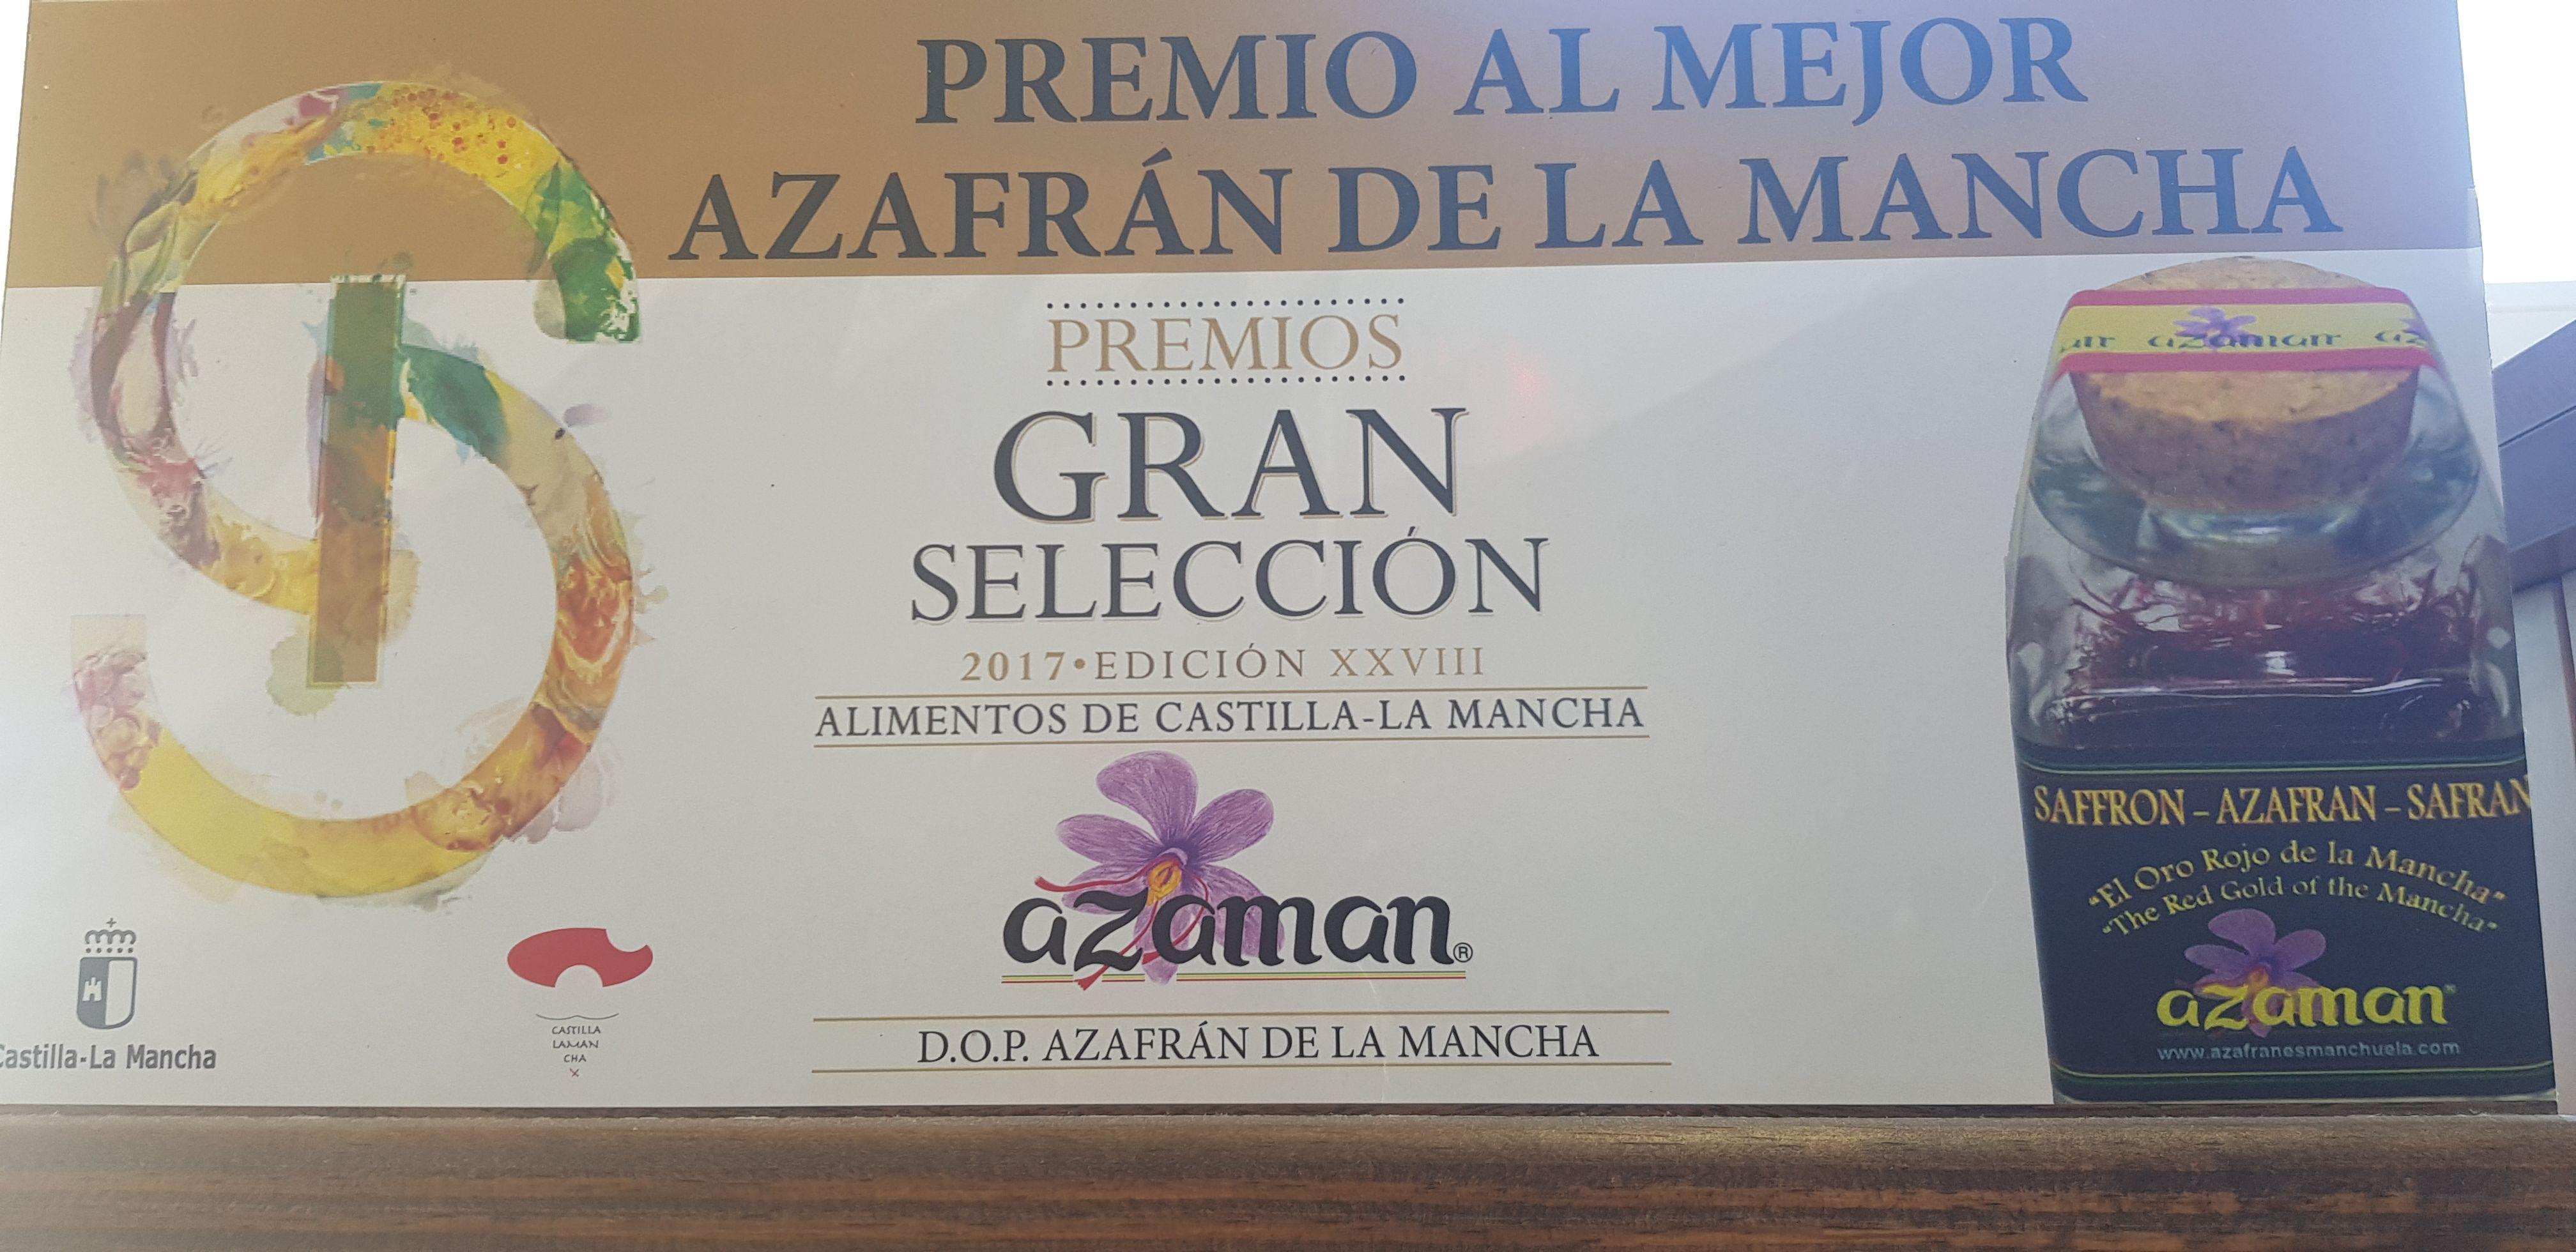 El mejor azafrán de Castilla La Mancha en Montalvo